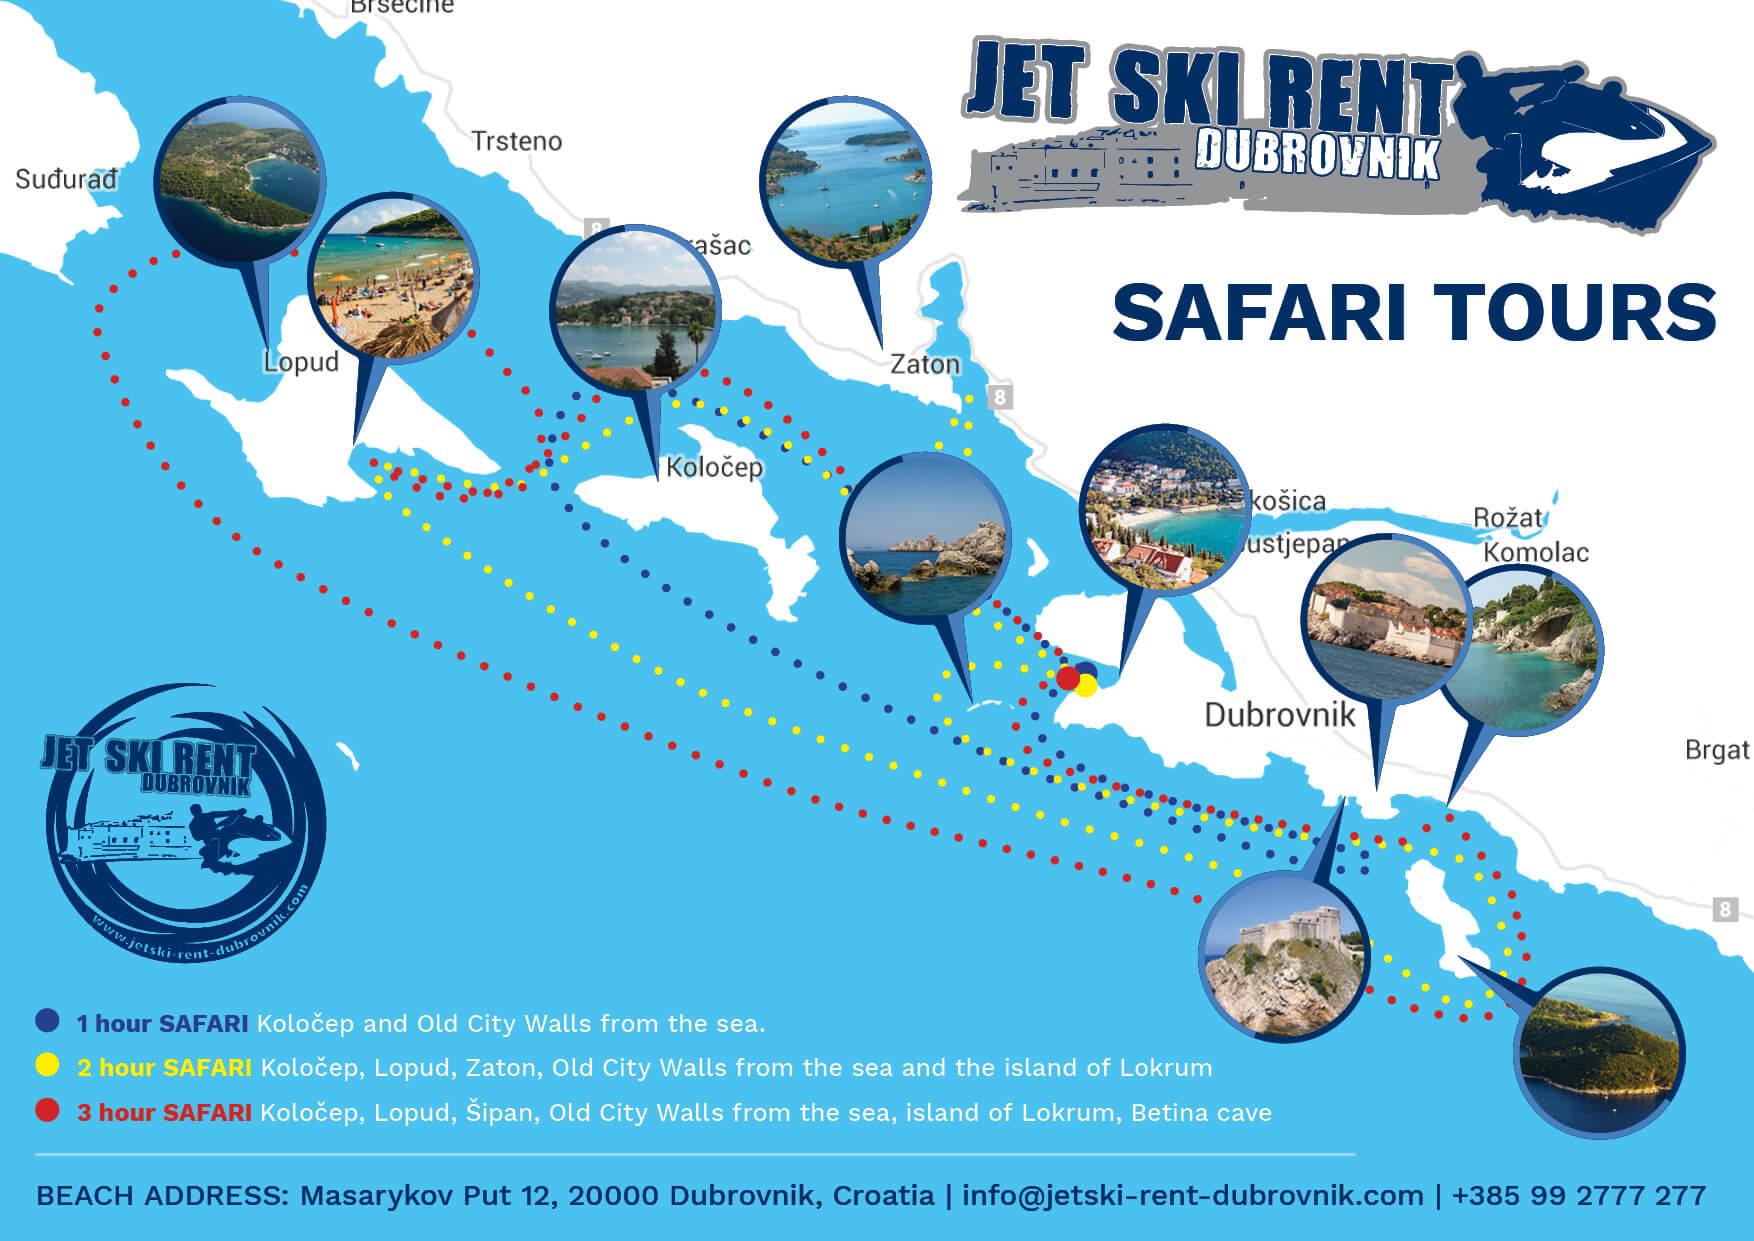 safari dubrovnik jetski